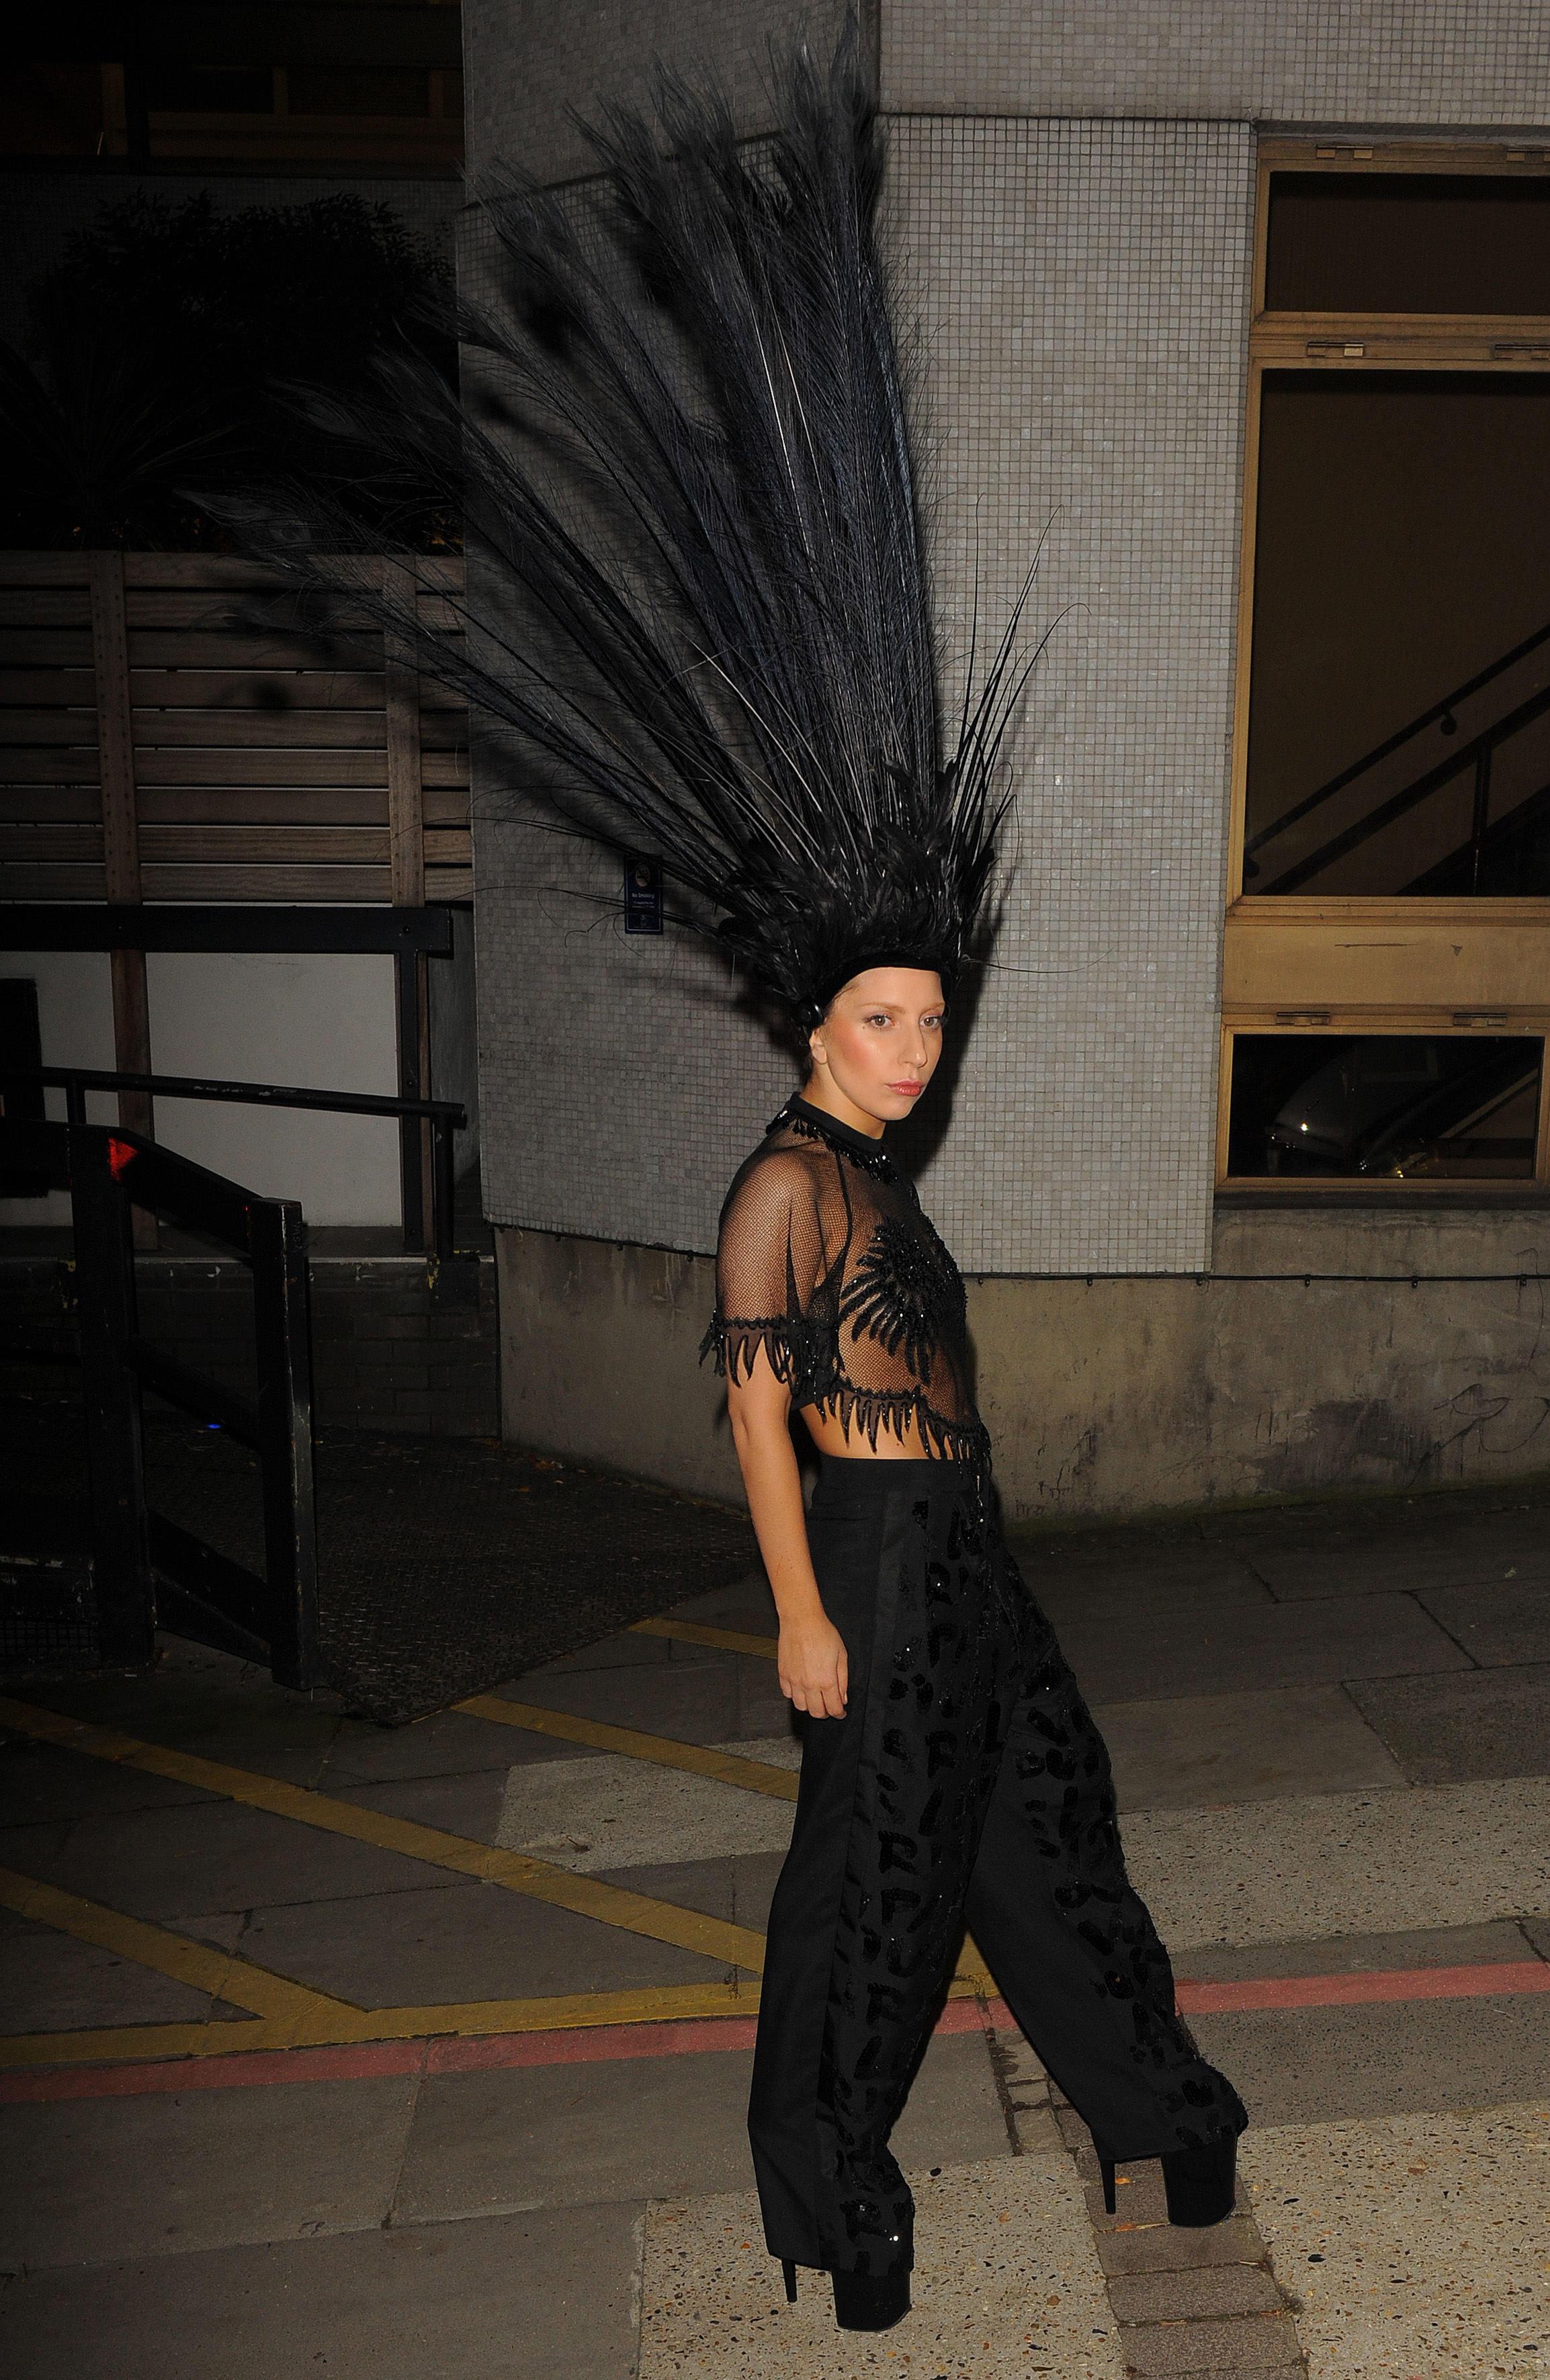 レディー・ガガの超越したファッションがおもしろすぎると話題に!